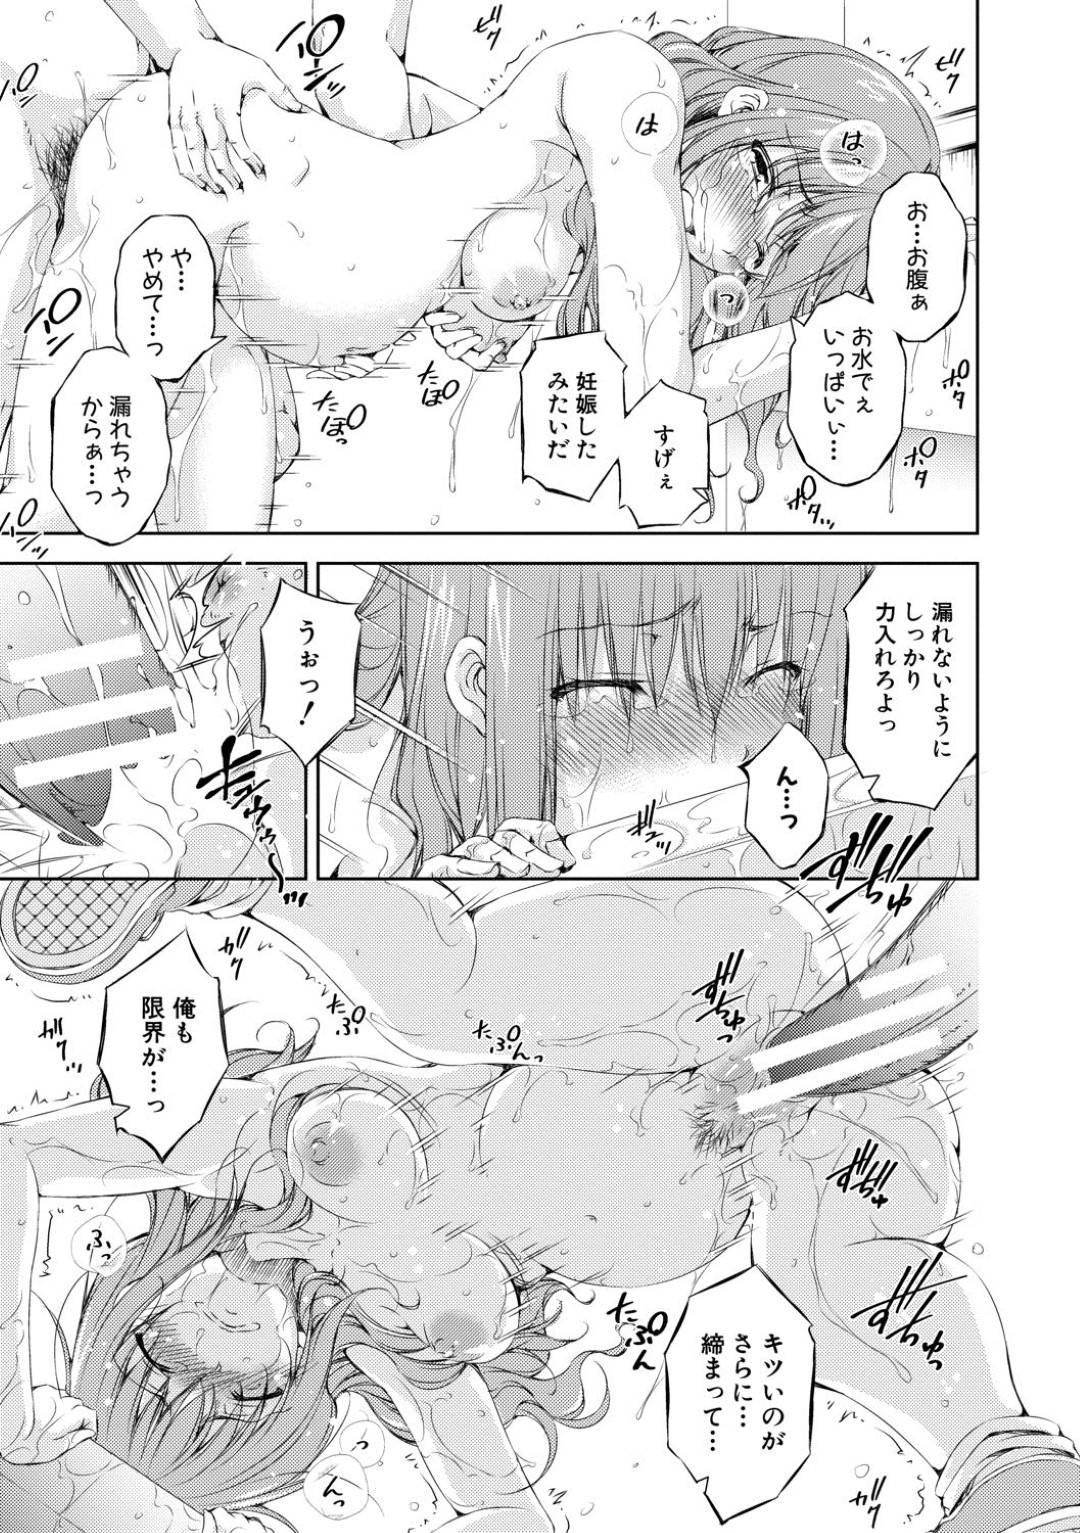 【エロ漫画】生まれつき膀胱が小さくむっくんにトレーニングさせられる聖香...むっくんに言われ、オムツに慣れる練習をさせられる。街中で水分を取らされ我慢できずにいると、トイレでお漏らししてしまい中出しセックス【Takane:後始末】